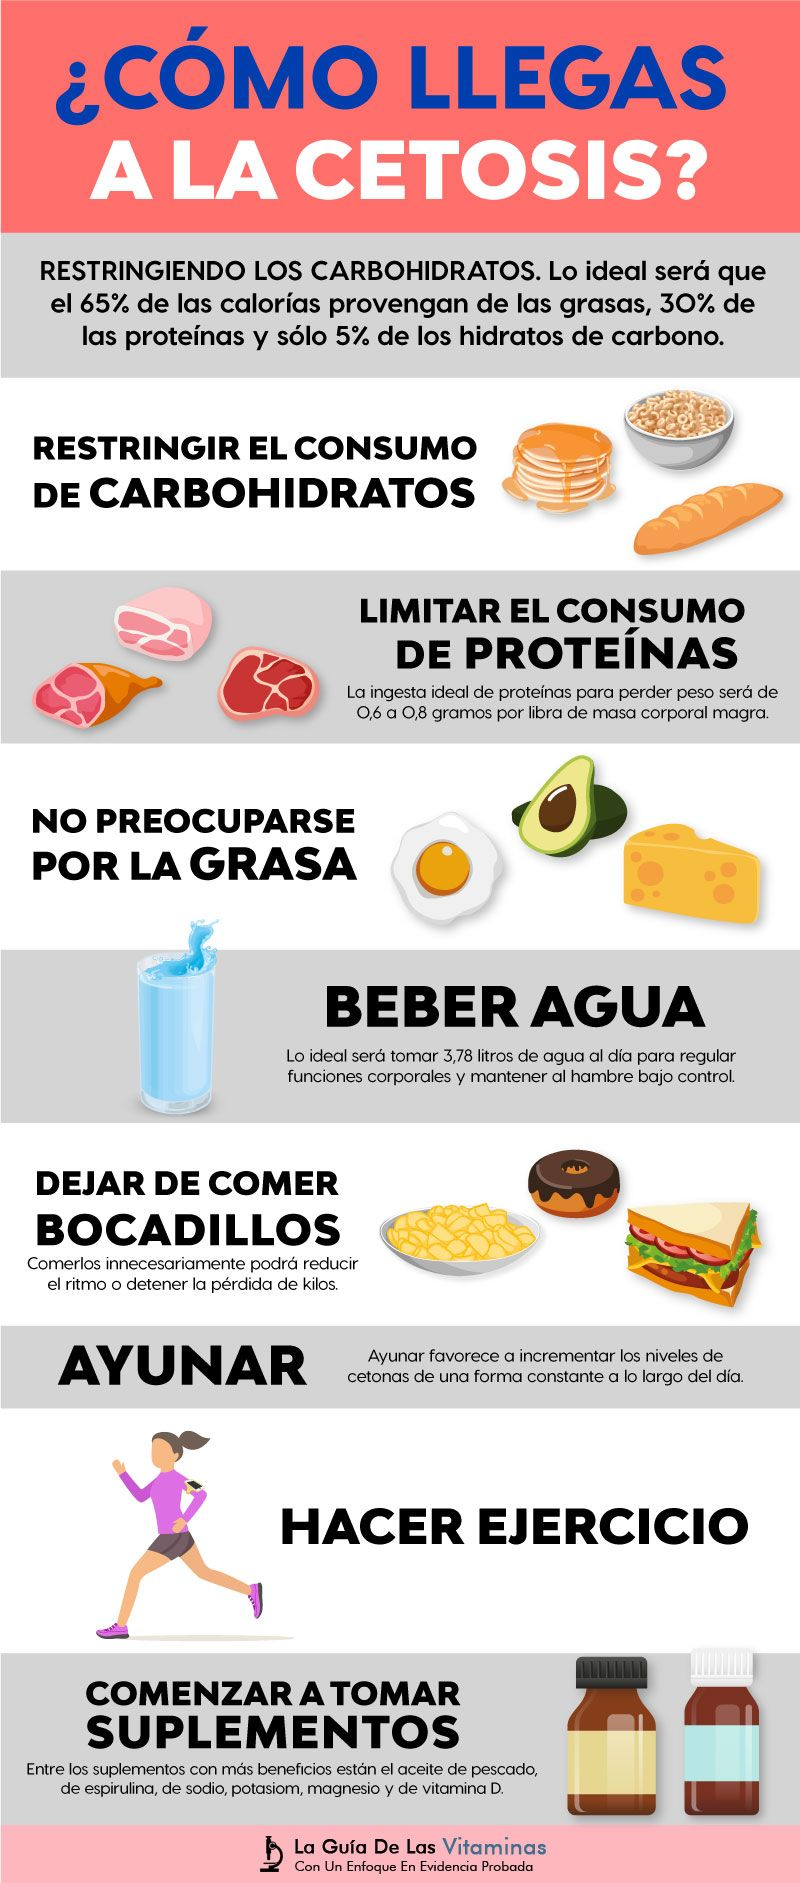 dieta cetosis para anciana